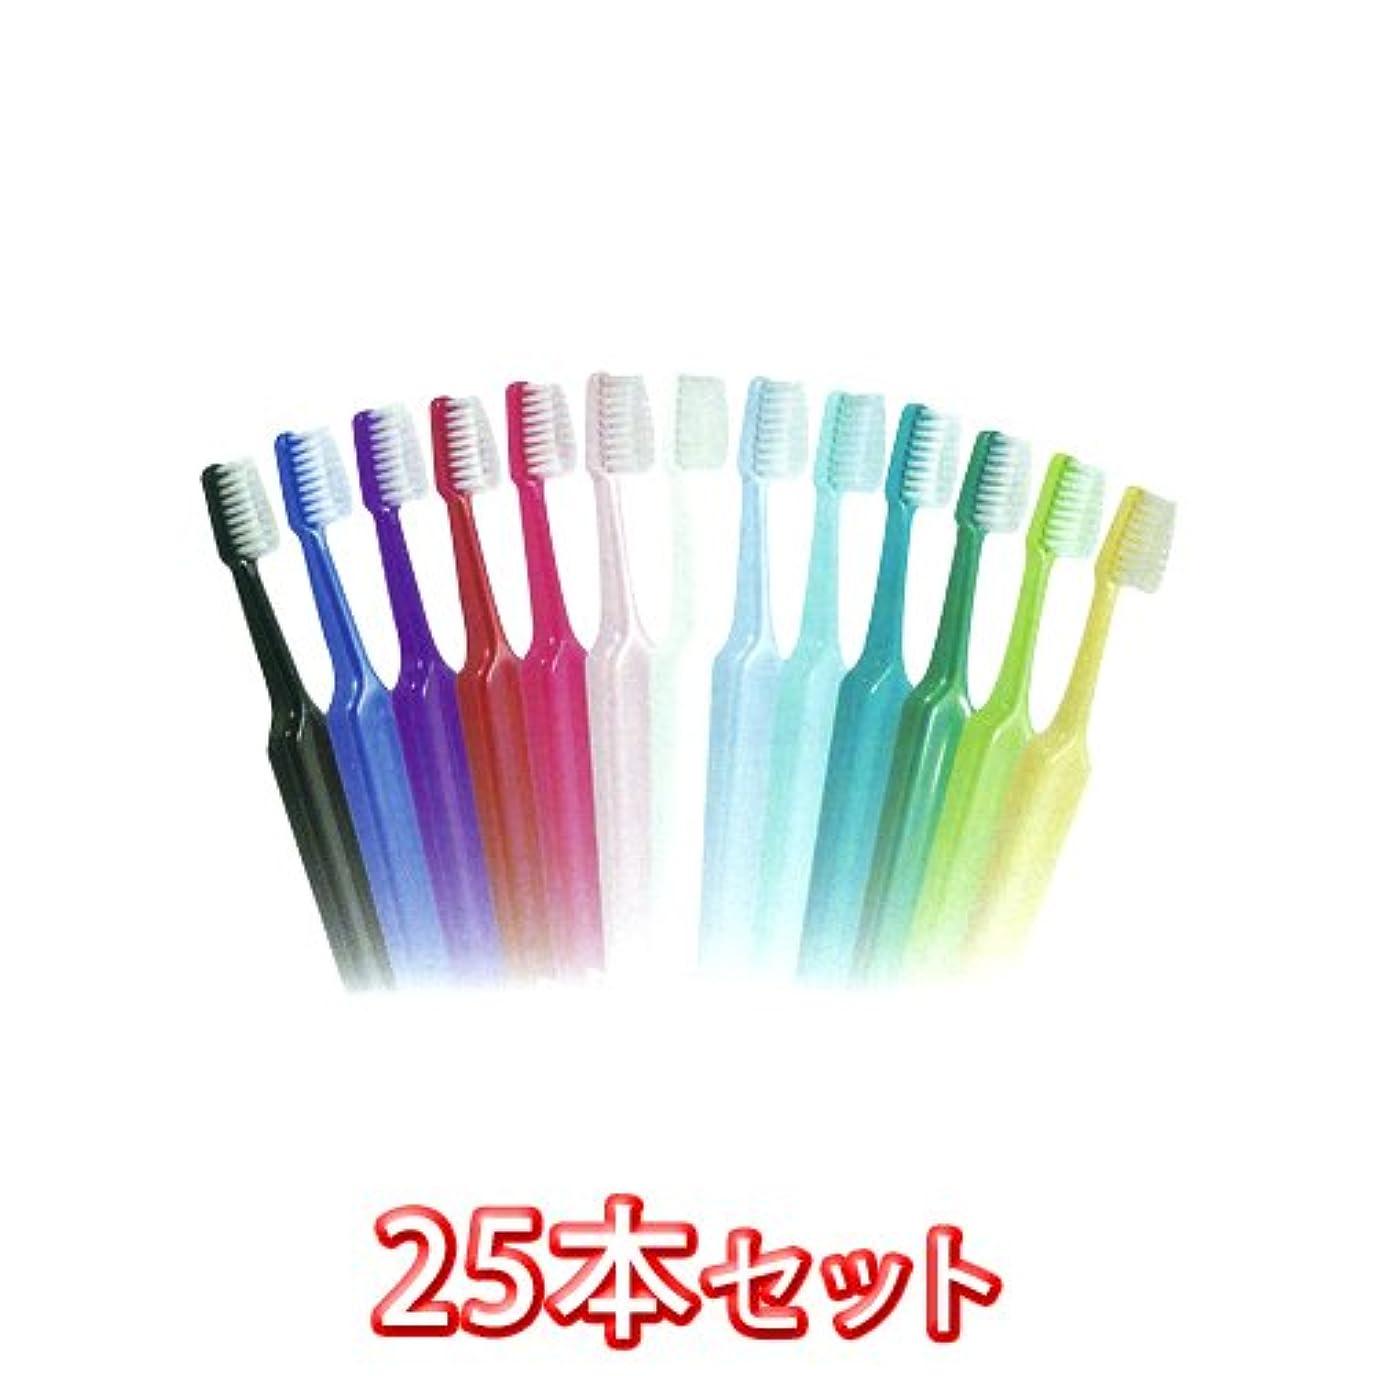 出口そのような郵便局TePeテペセレクトコンパクト歯ブラシ 25本(コンパクトソフト)